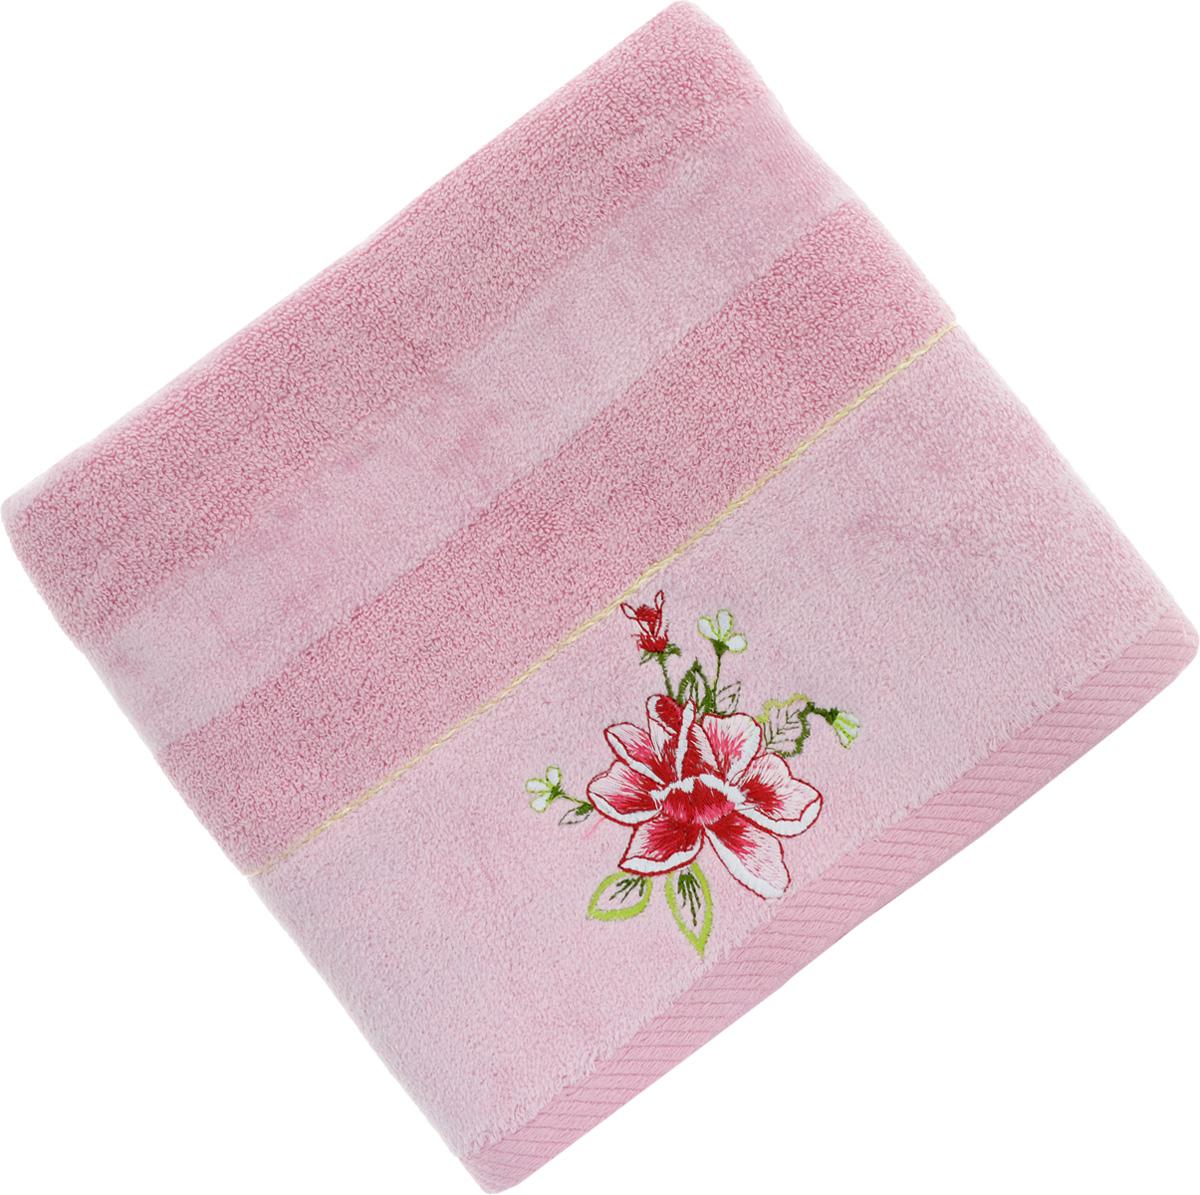 Полотенце Soavita Azalea, цвет: розовый, 50 х 90 смS03301004Полотенце Soavita Azalea выполнено из 100% хлопка. Изделие отлично впитывает влагу, быстро сохнет, сохраняет яркость цвета и не теряет форму даже после многократных стирок. Полотенце очень практично и неприхотливо в уходе. Оно создаст прекрасное настроение и украсит интерьер в ванной комнате.